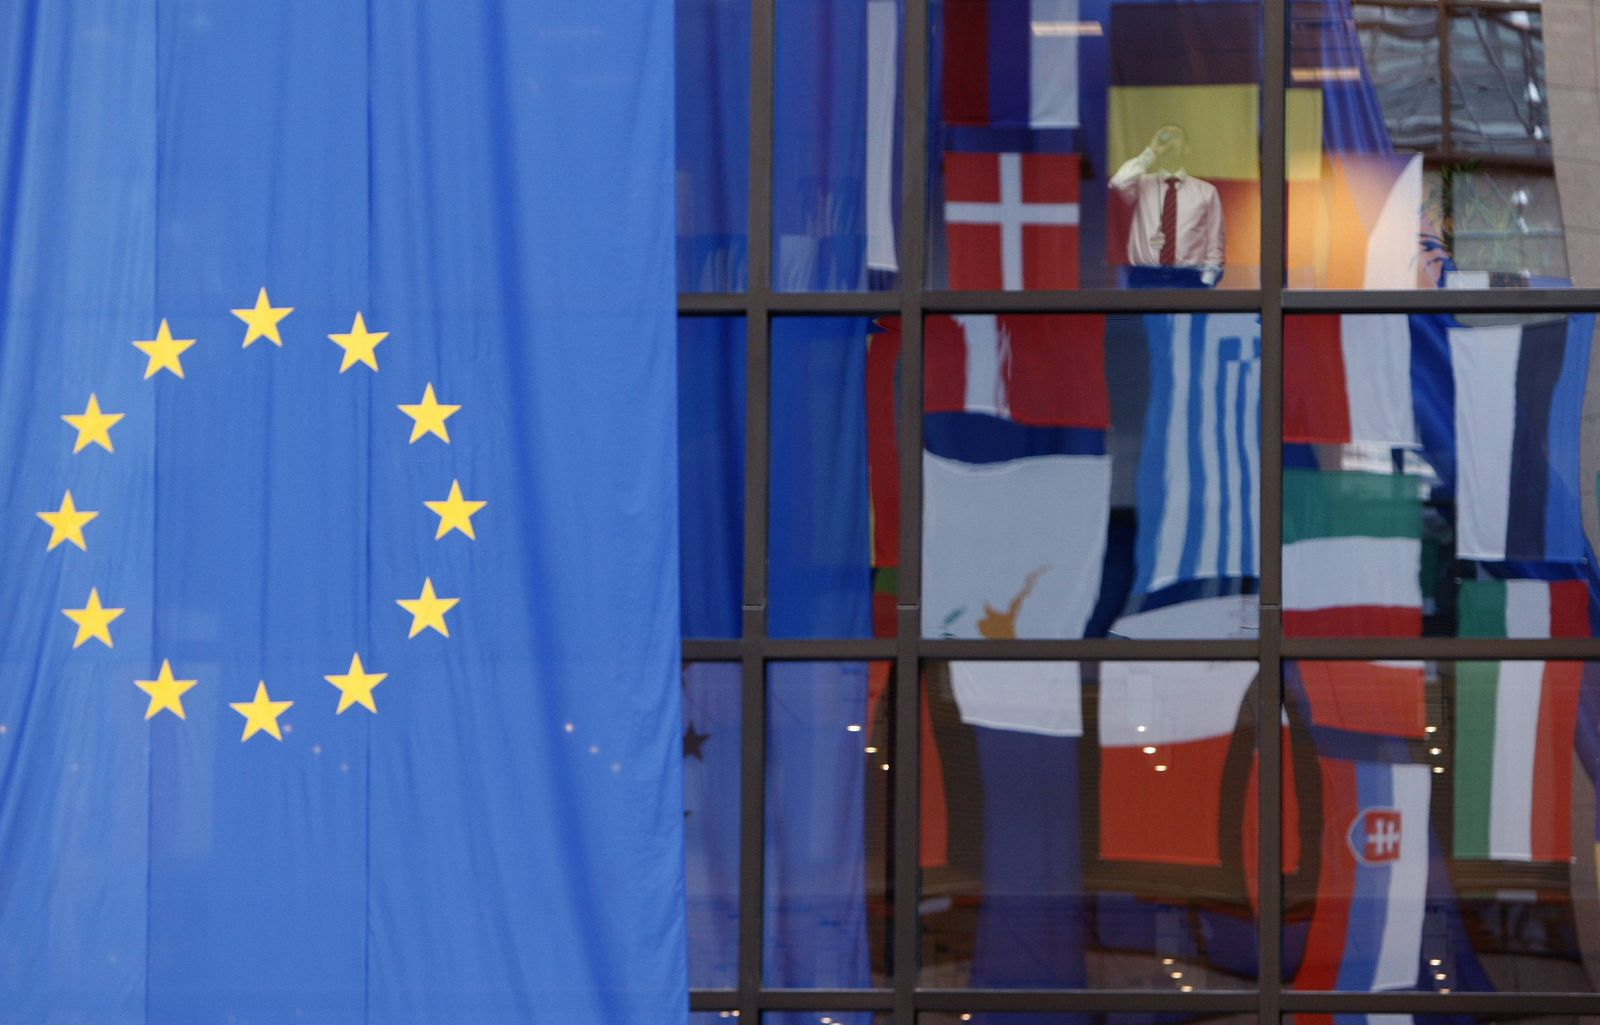 Europa / Flaggen